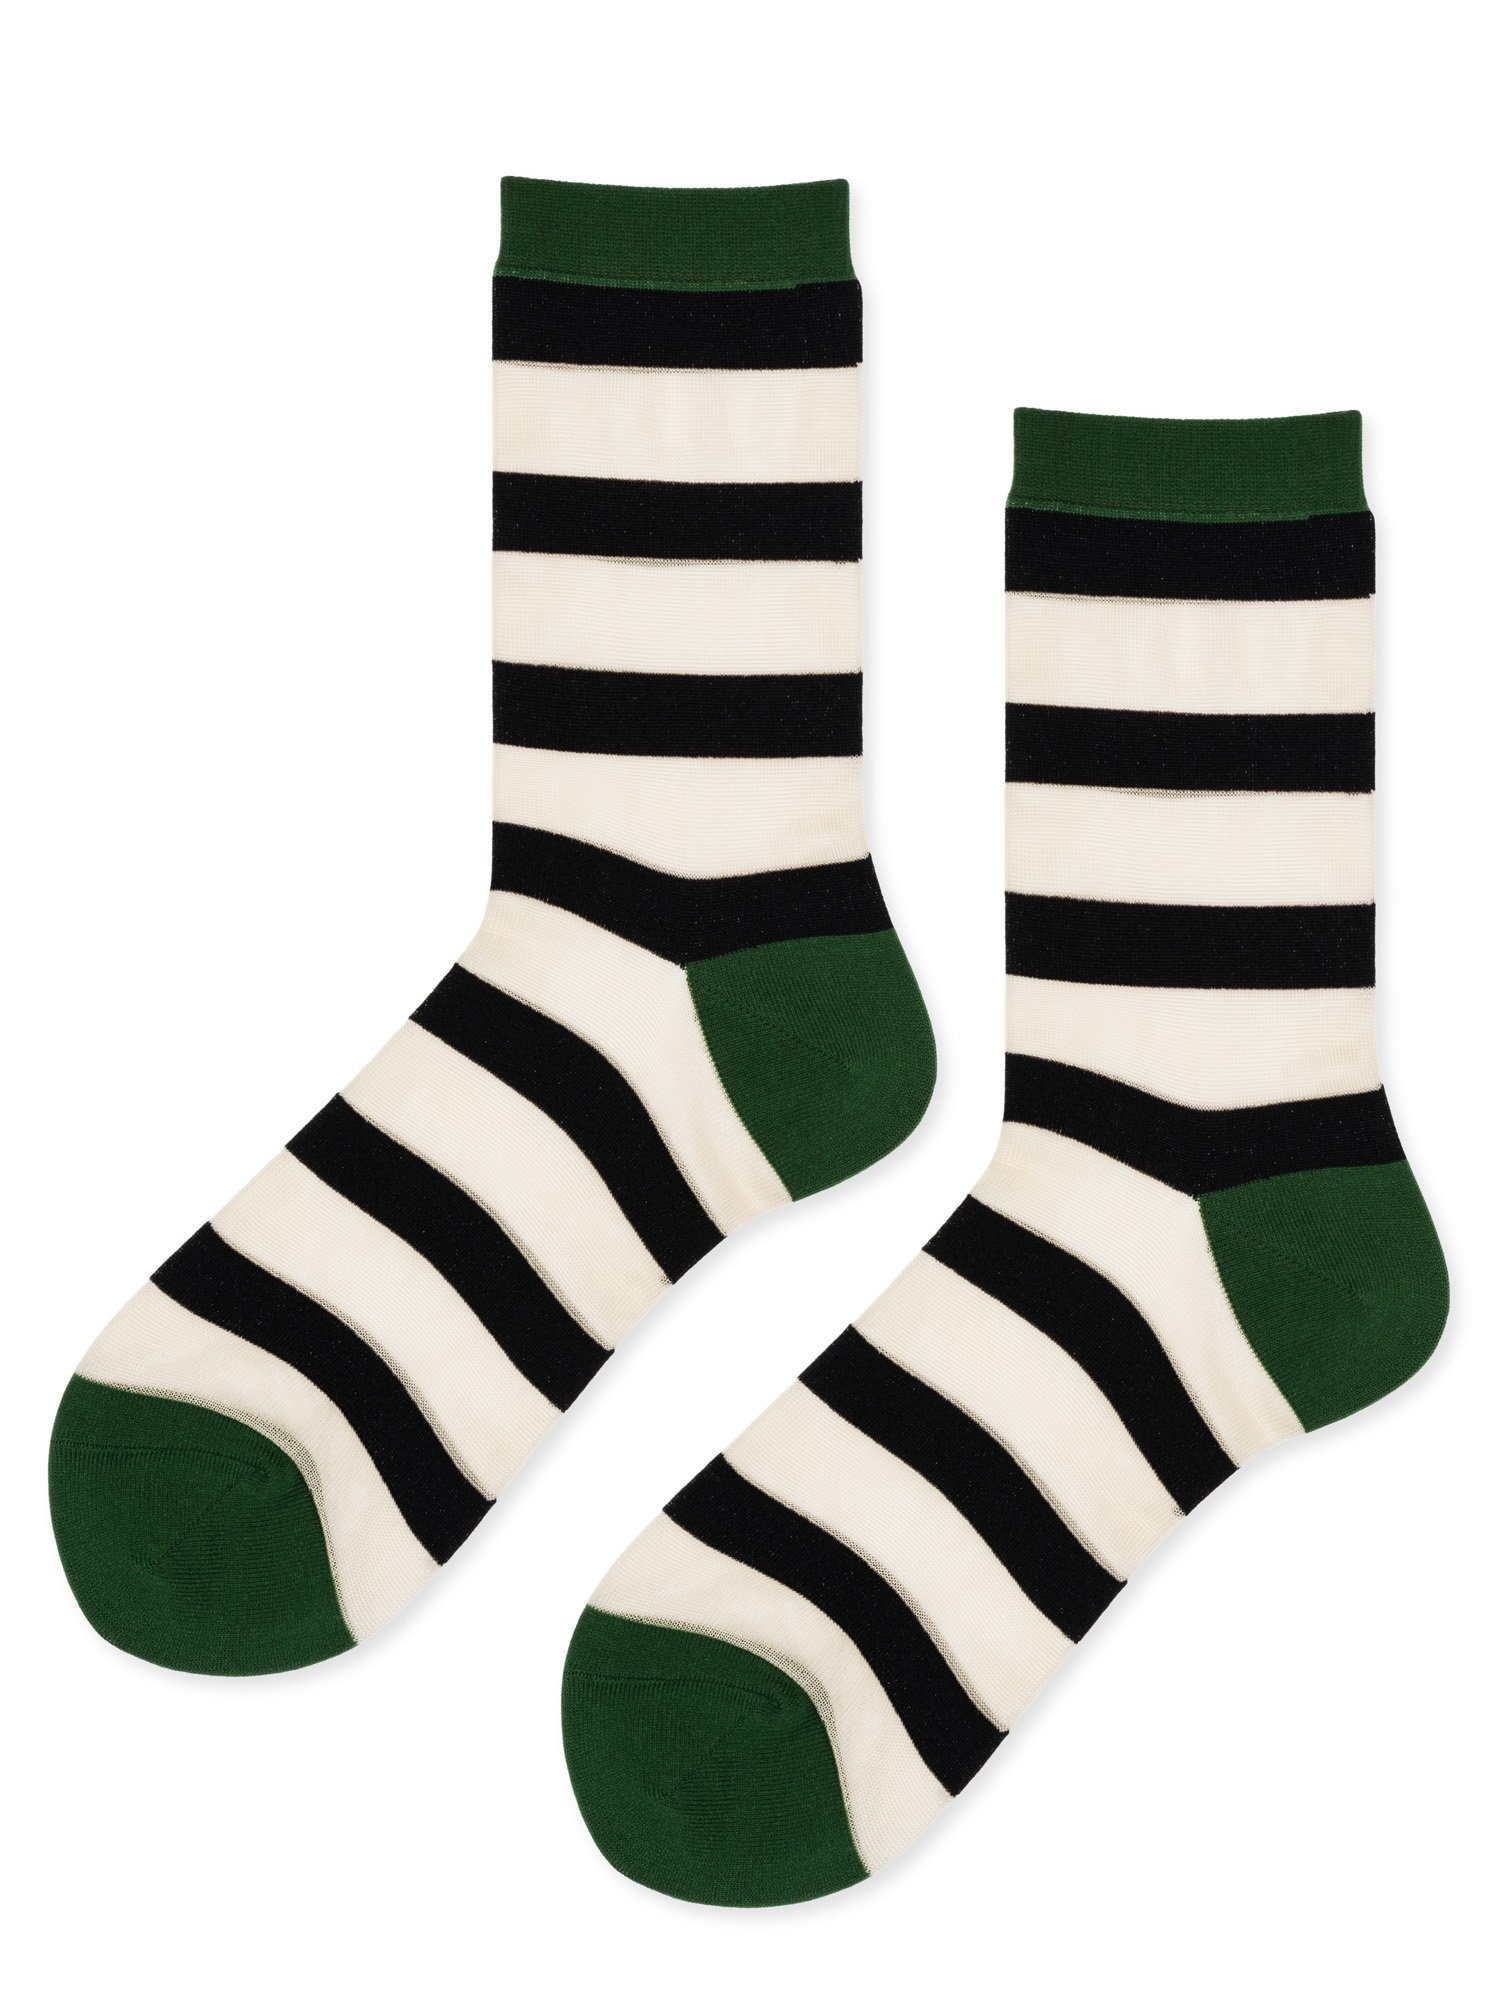 hansel from basel Socks Nylon stripe green